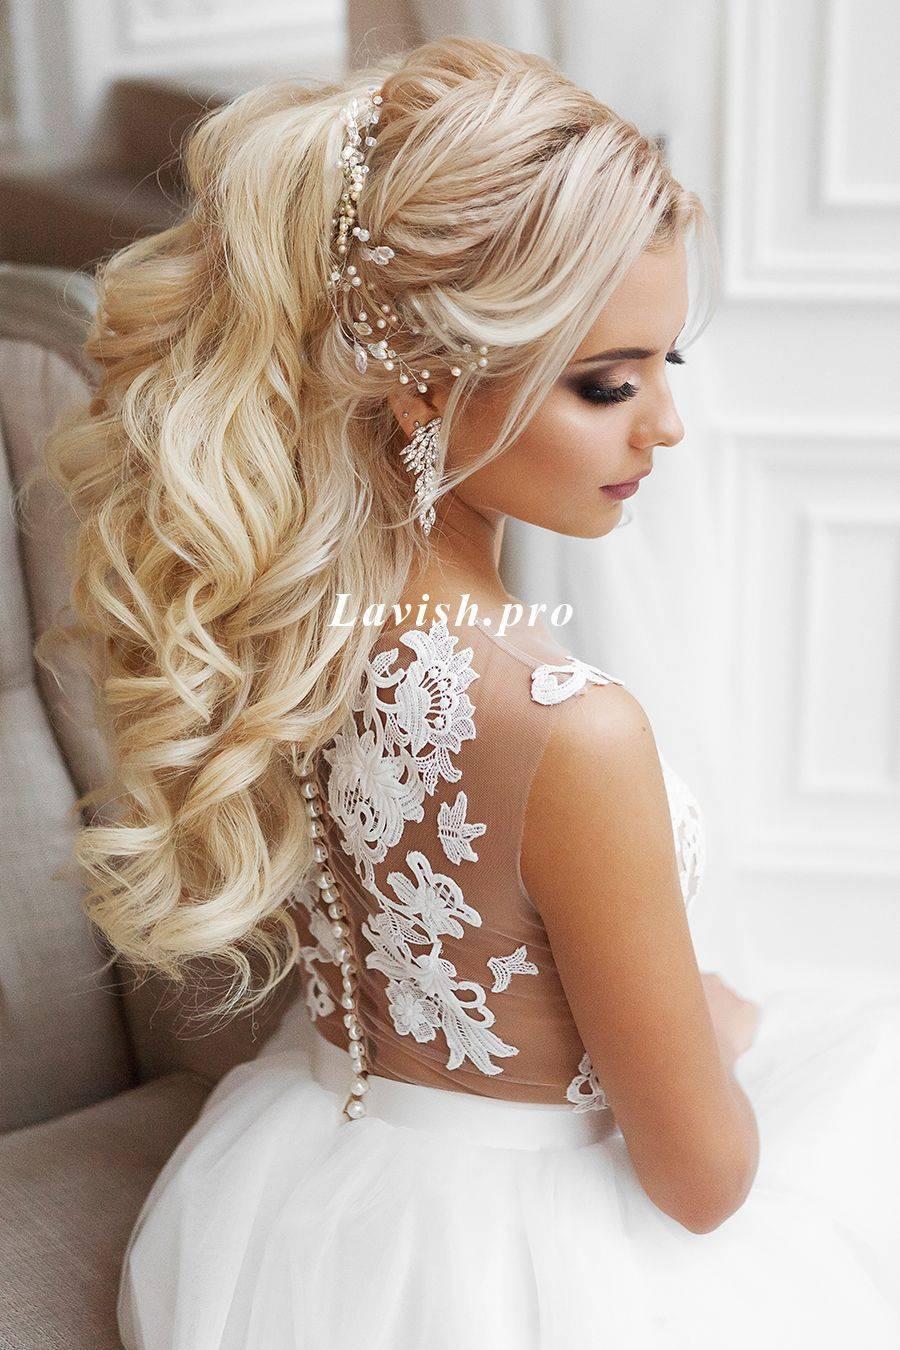 Свадебные прически на длинные волосы — классические и авангардные